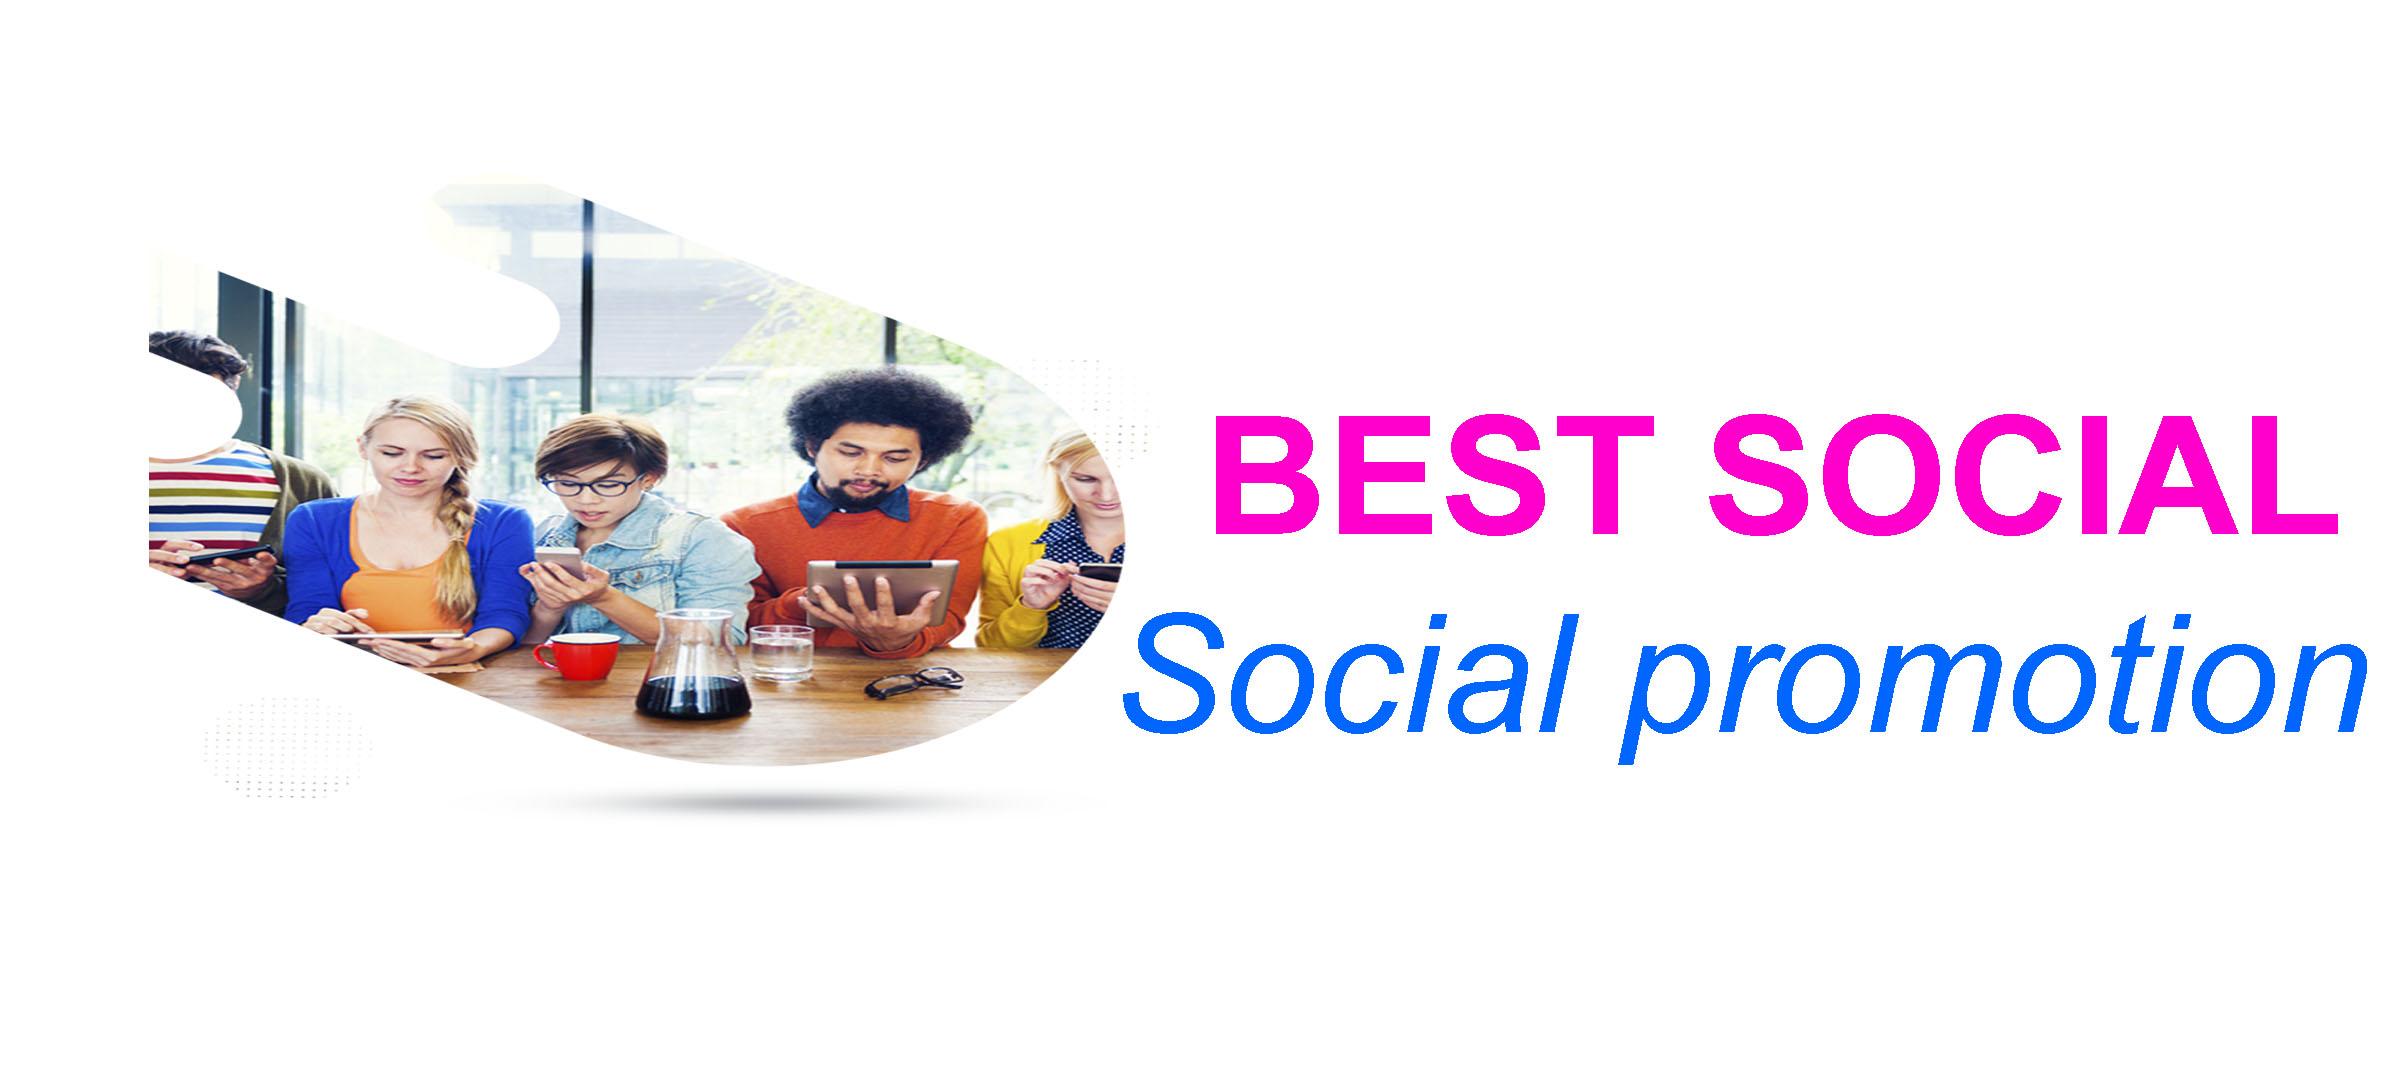 Best Social